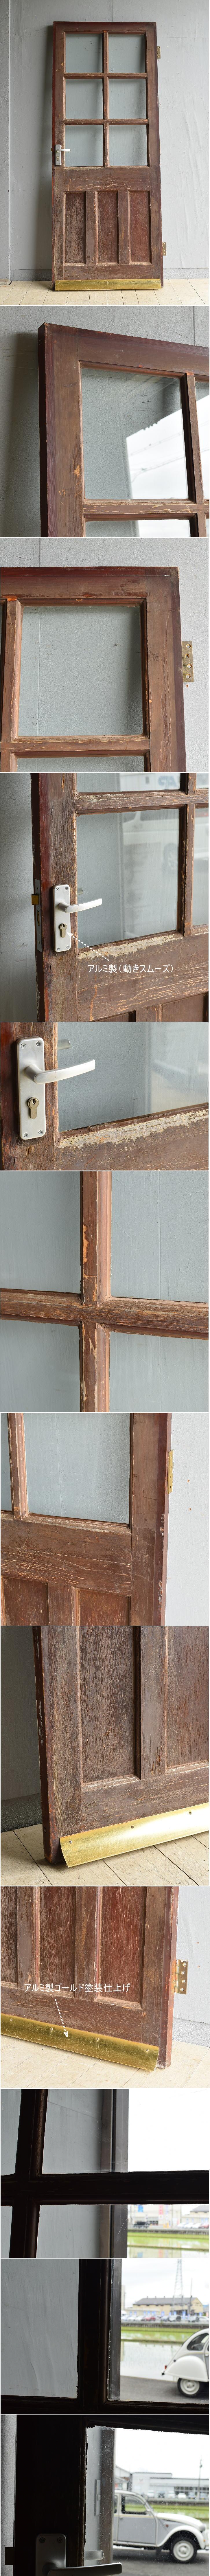 イギリス アンティーク ドア 扉 建具 8021